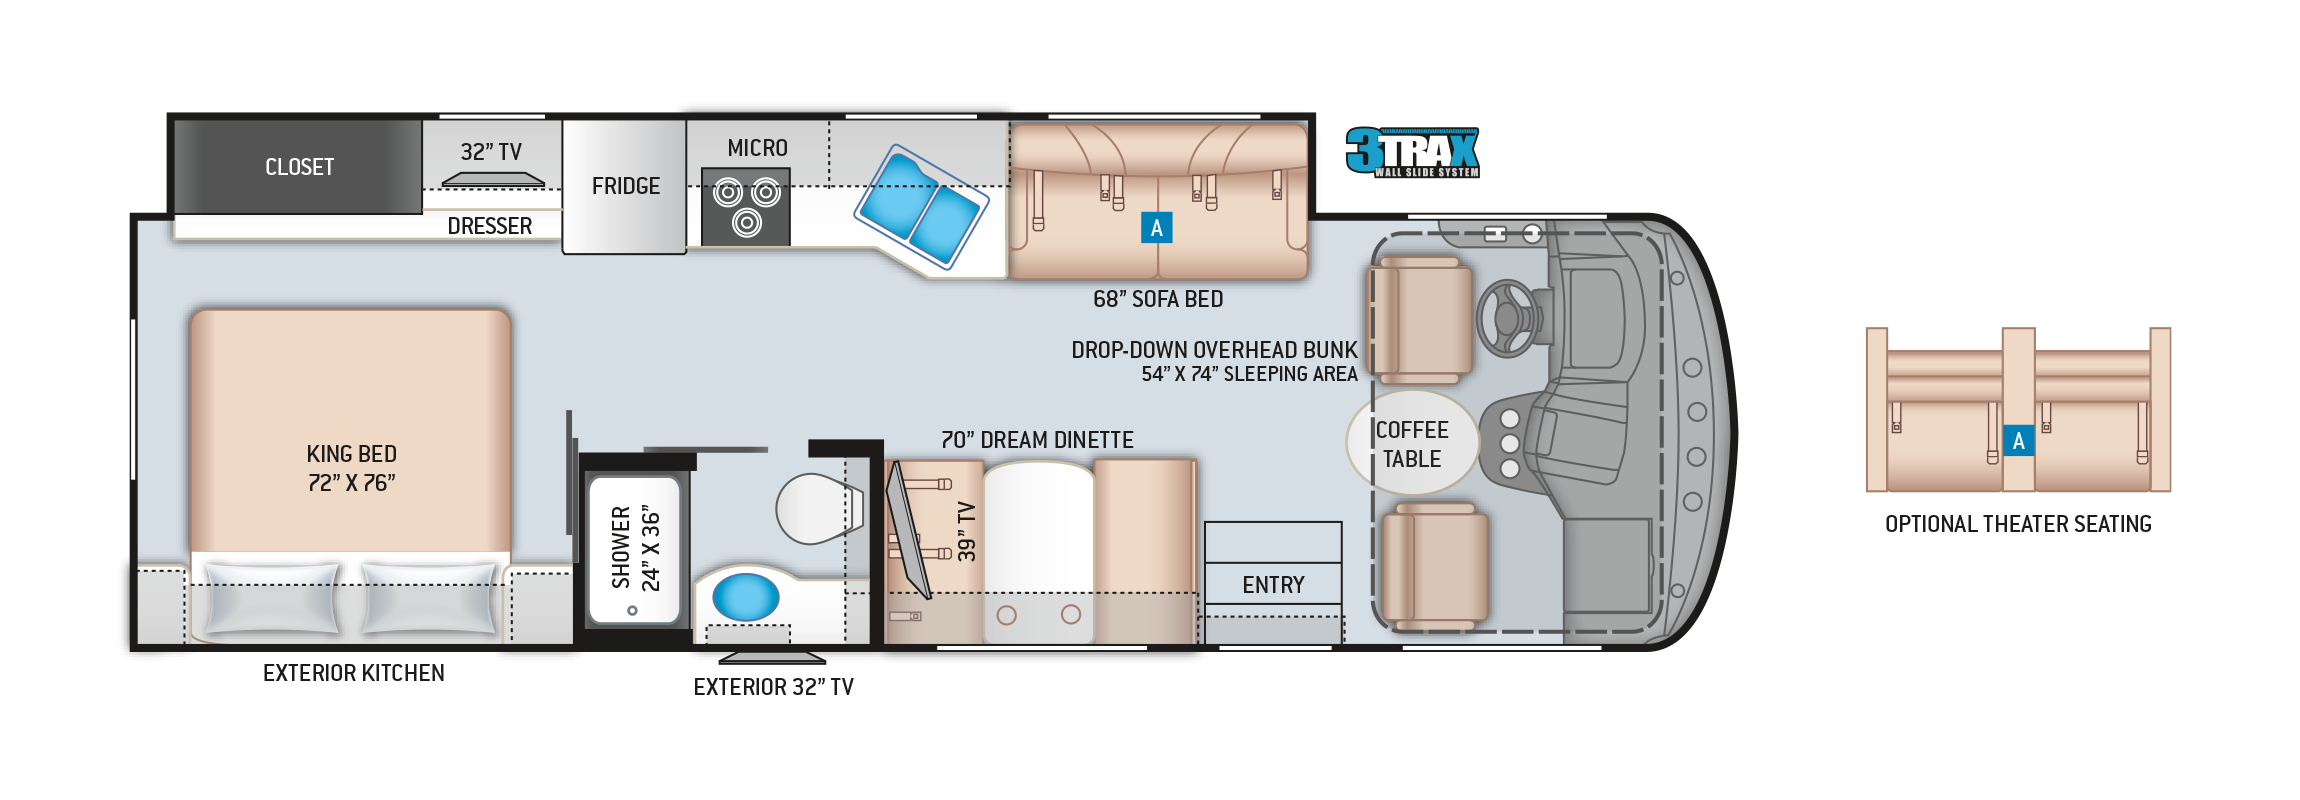 Windsport Class A Motorhome Floor Plan 29M